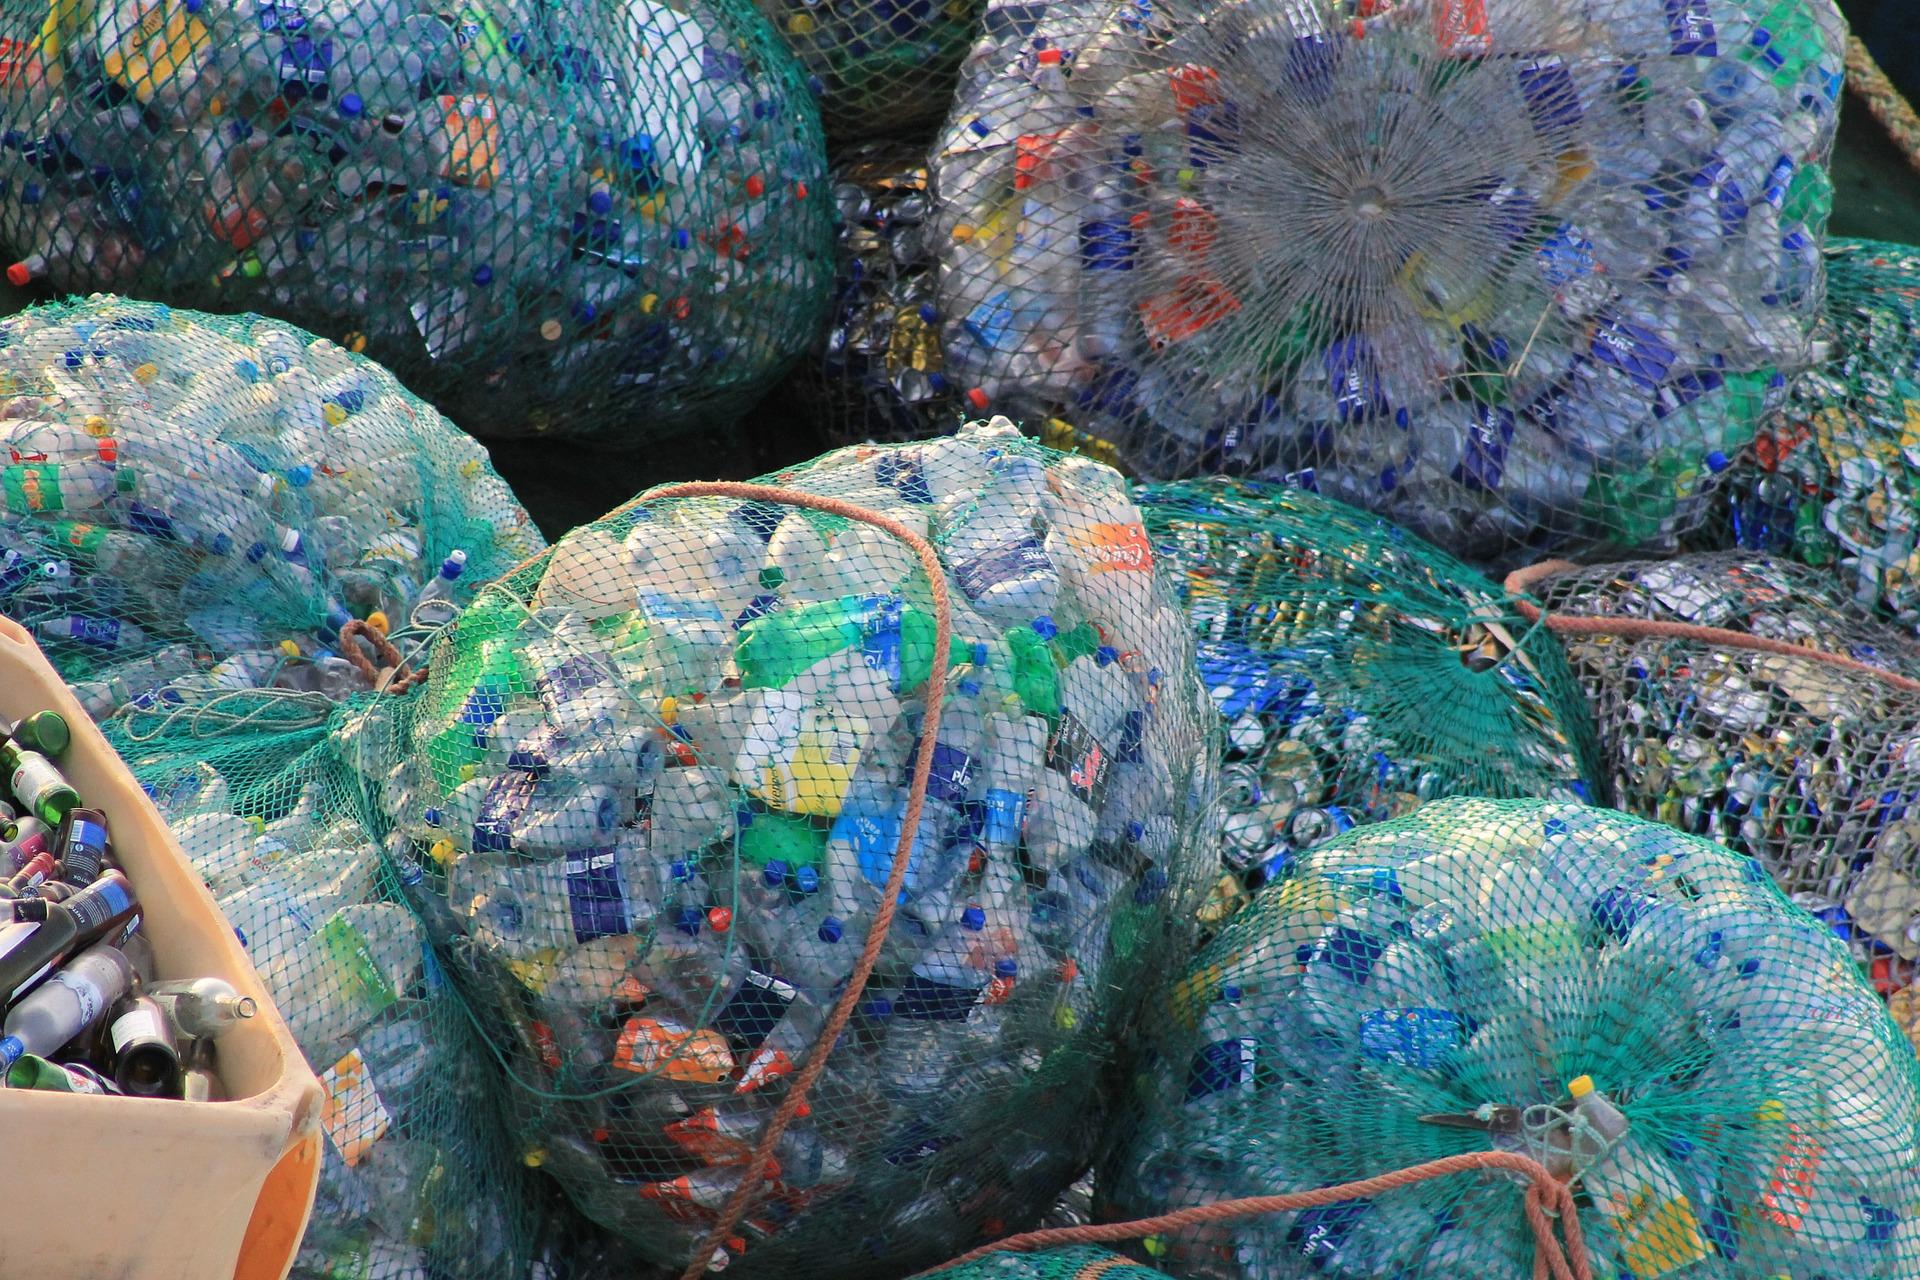 瓶装水造成的塑料污染问题日益严重,行业老大雀巢公司如何应对?